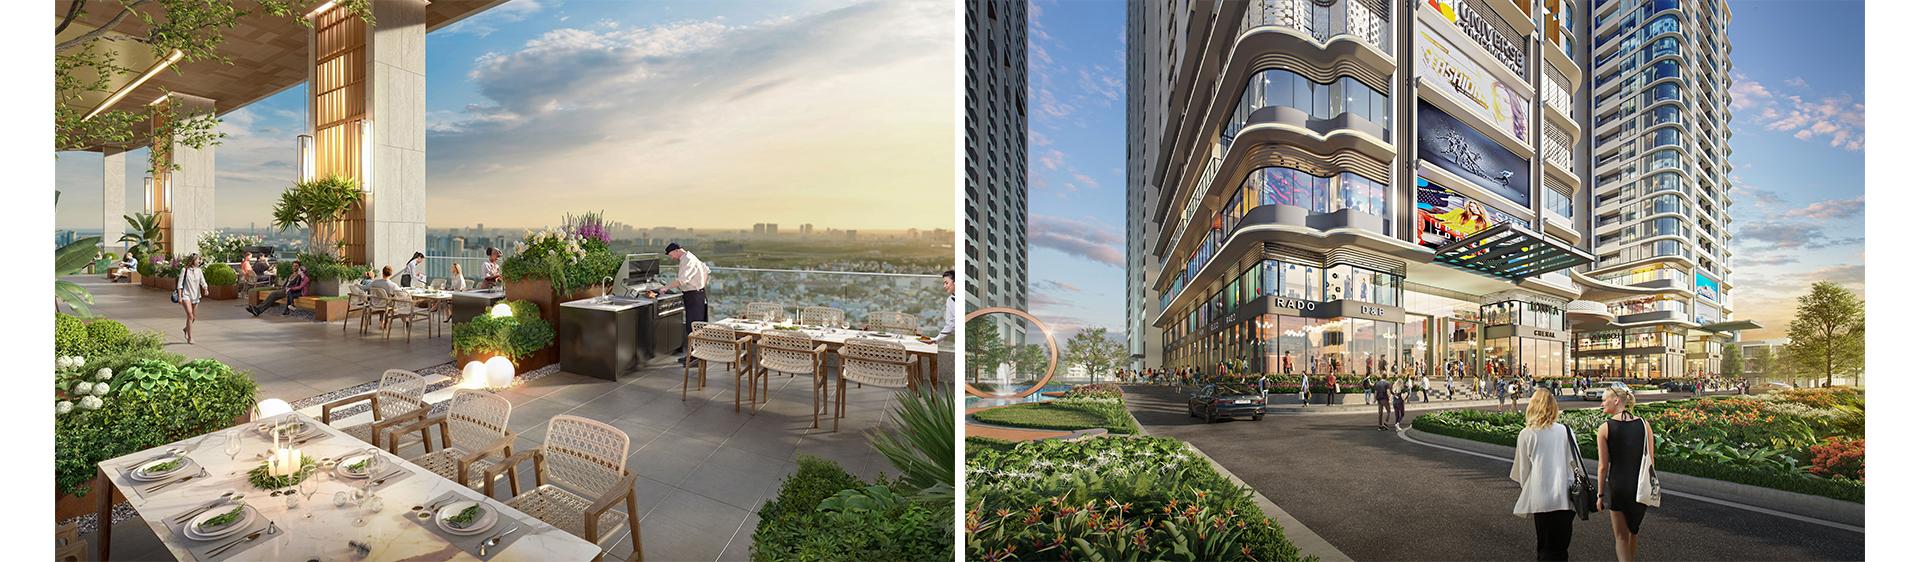 Dự án căn hộ sở hữu gần 23.000 m2 tiện ích tại Bình Dương 7